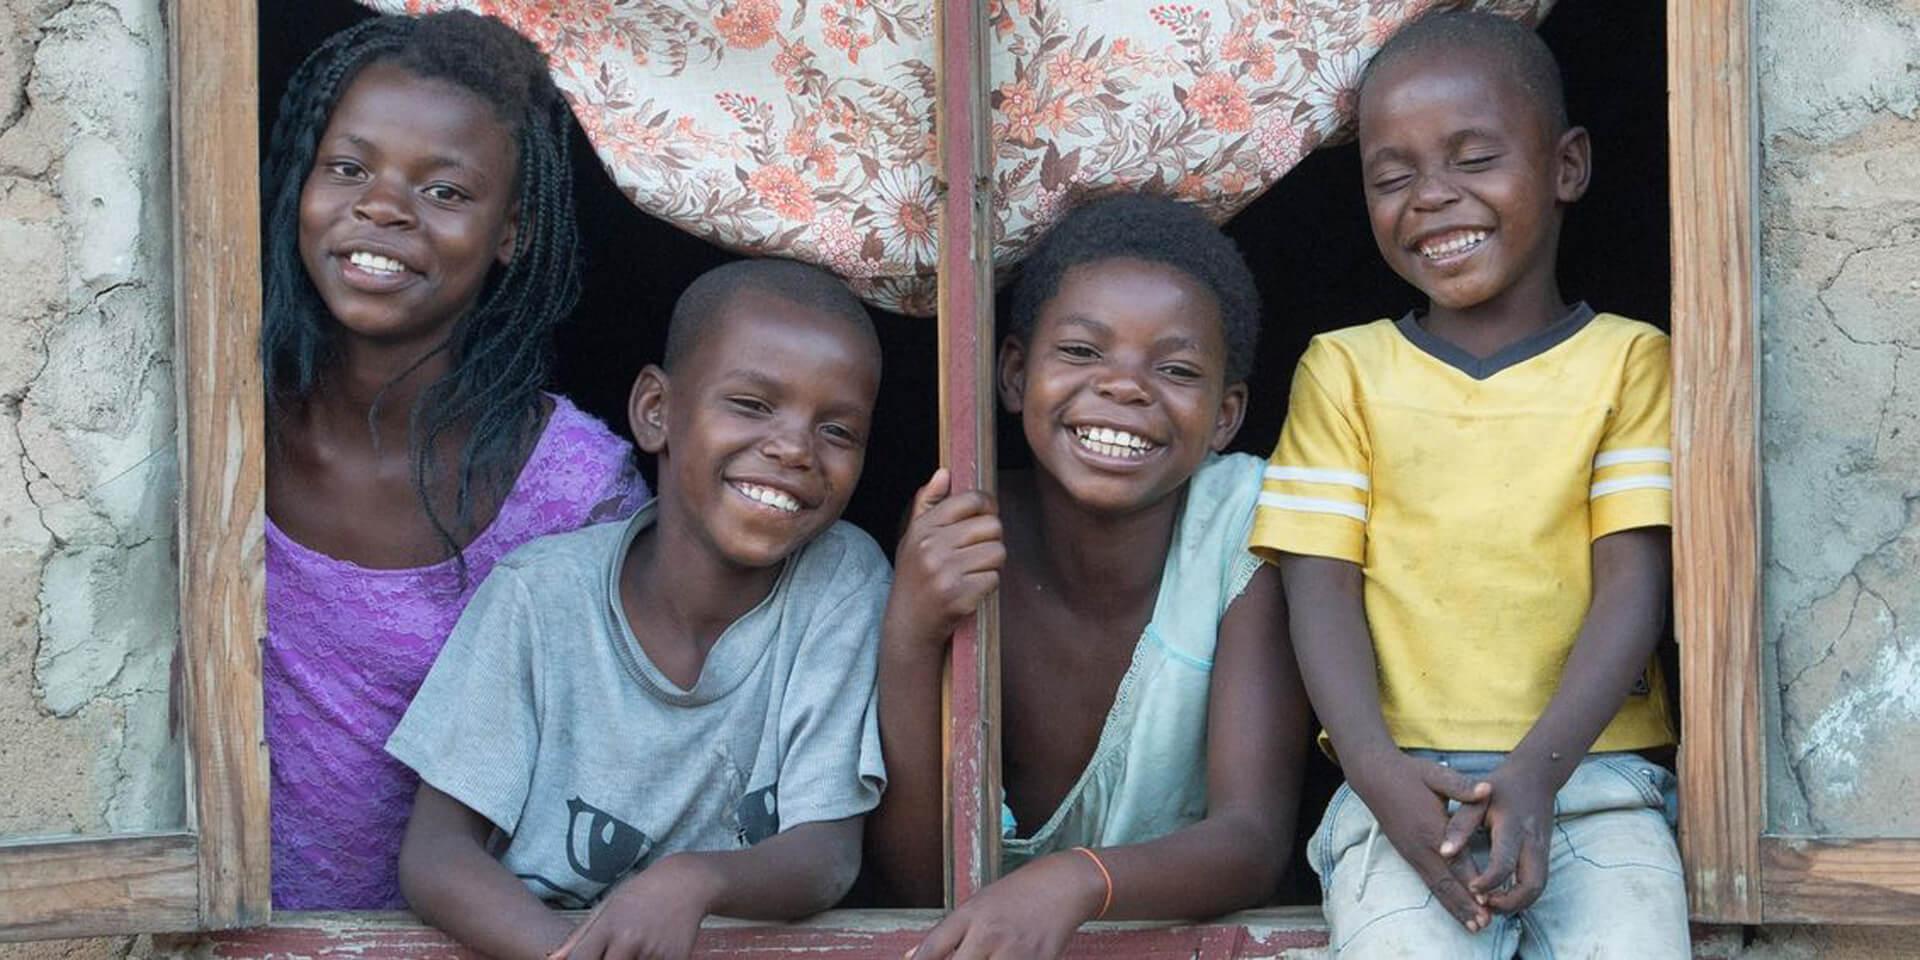 Kinder in Mosambik, © Helge Bendl/Brot für die Welt